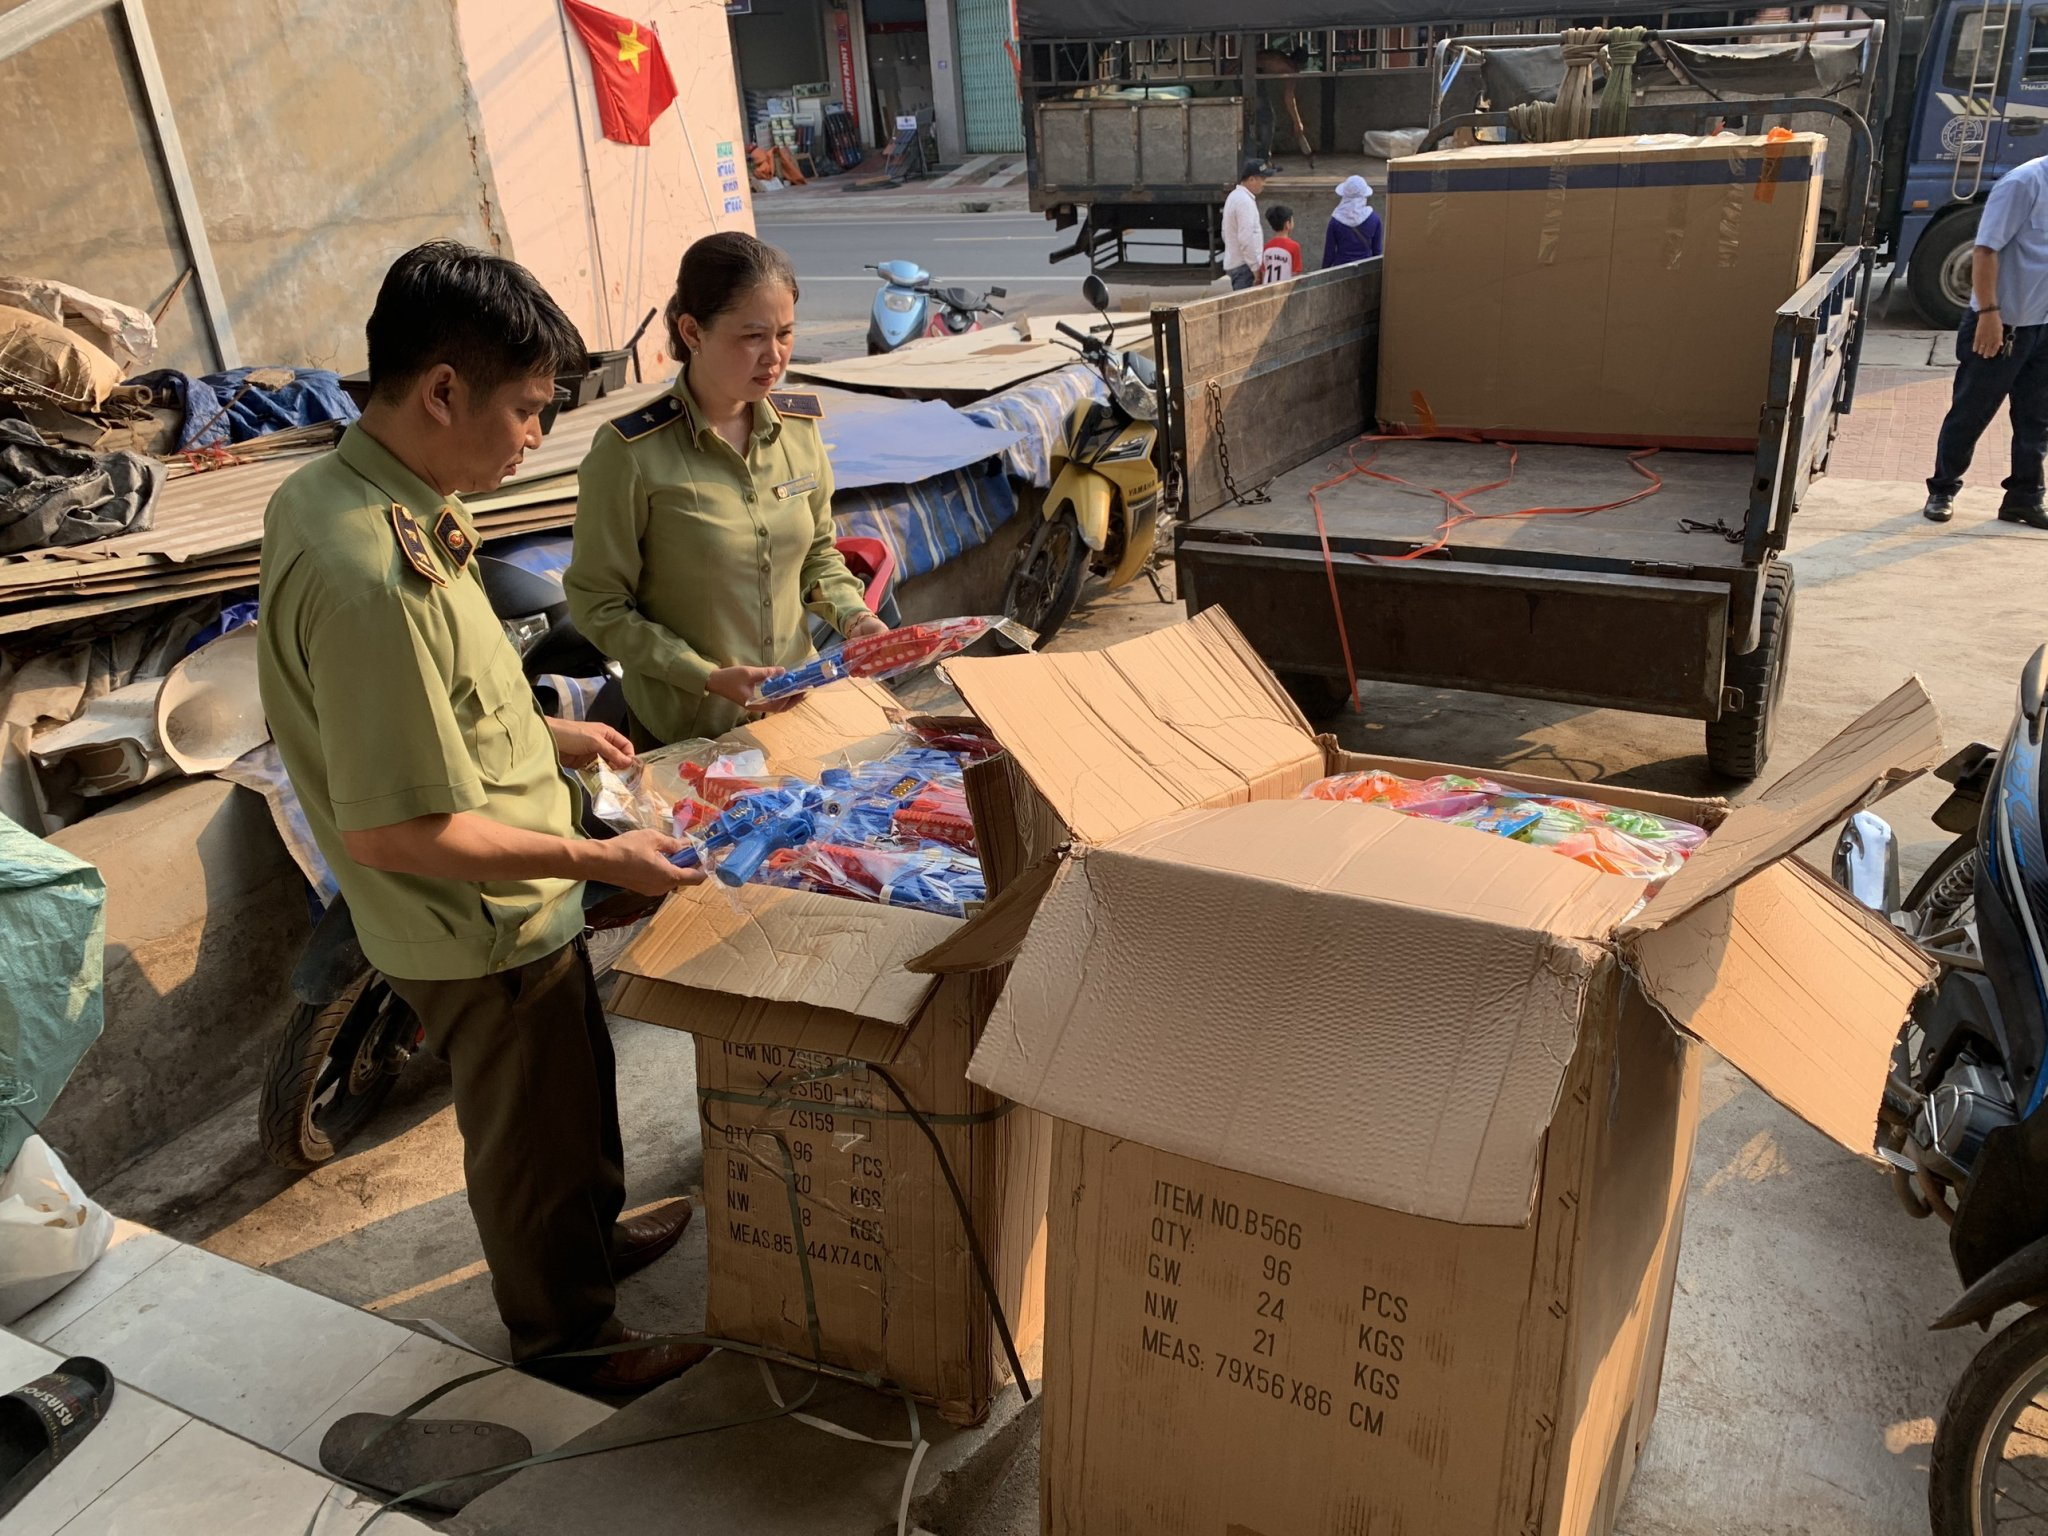 Đội Quản lý thị trường số 4 tạm giữ 775 sản phẩm đồ chơi trẻ em do nước ngoài sản xuất, không có hóa đơn chứng từ, không có tem hợp quy theo quy định.